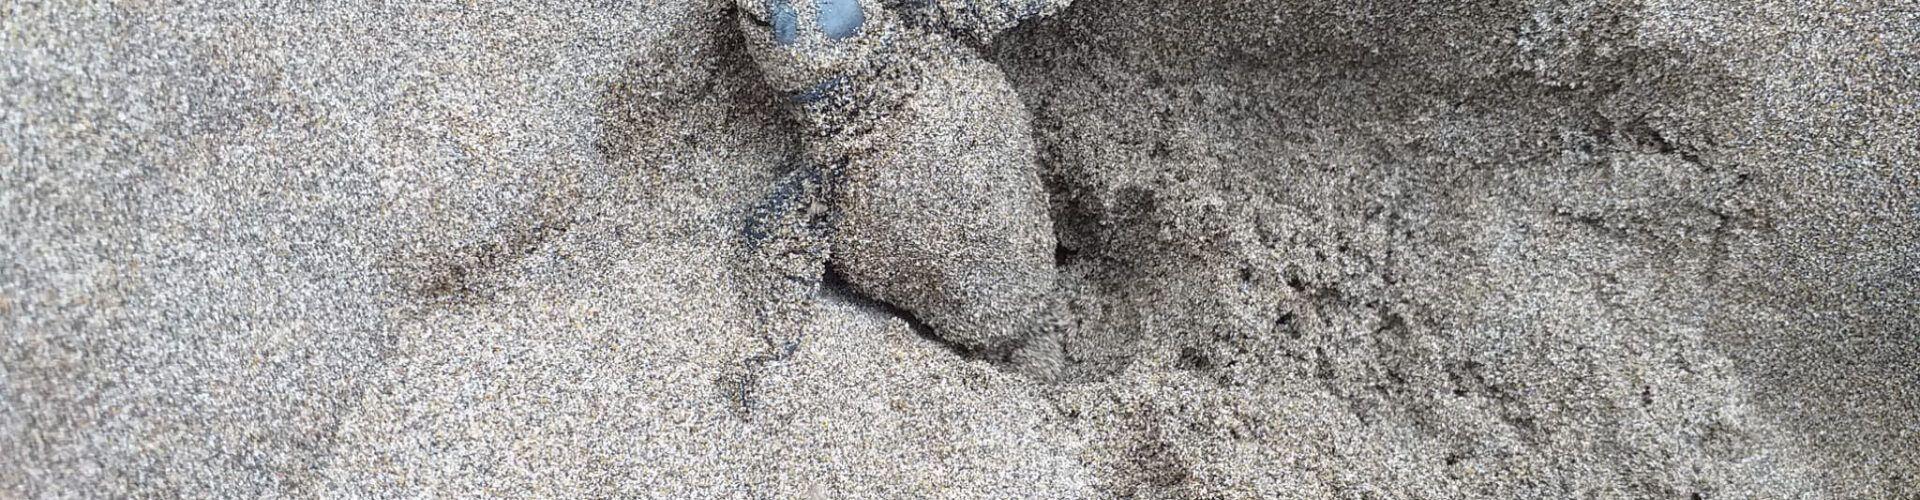 Localitzat el quart niu de tortuga careta de l'estiu al delta de l'Ebre, amb entre 88 i 103 ous